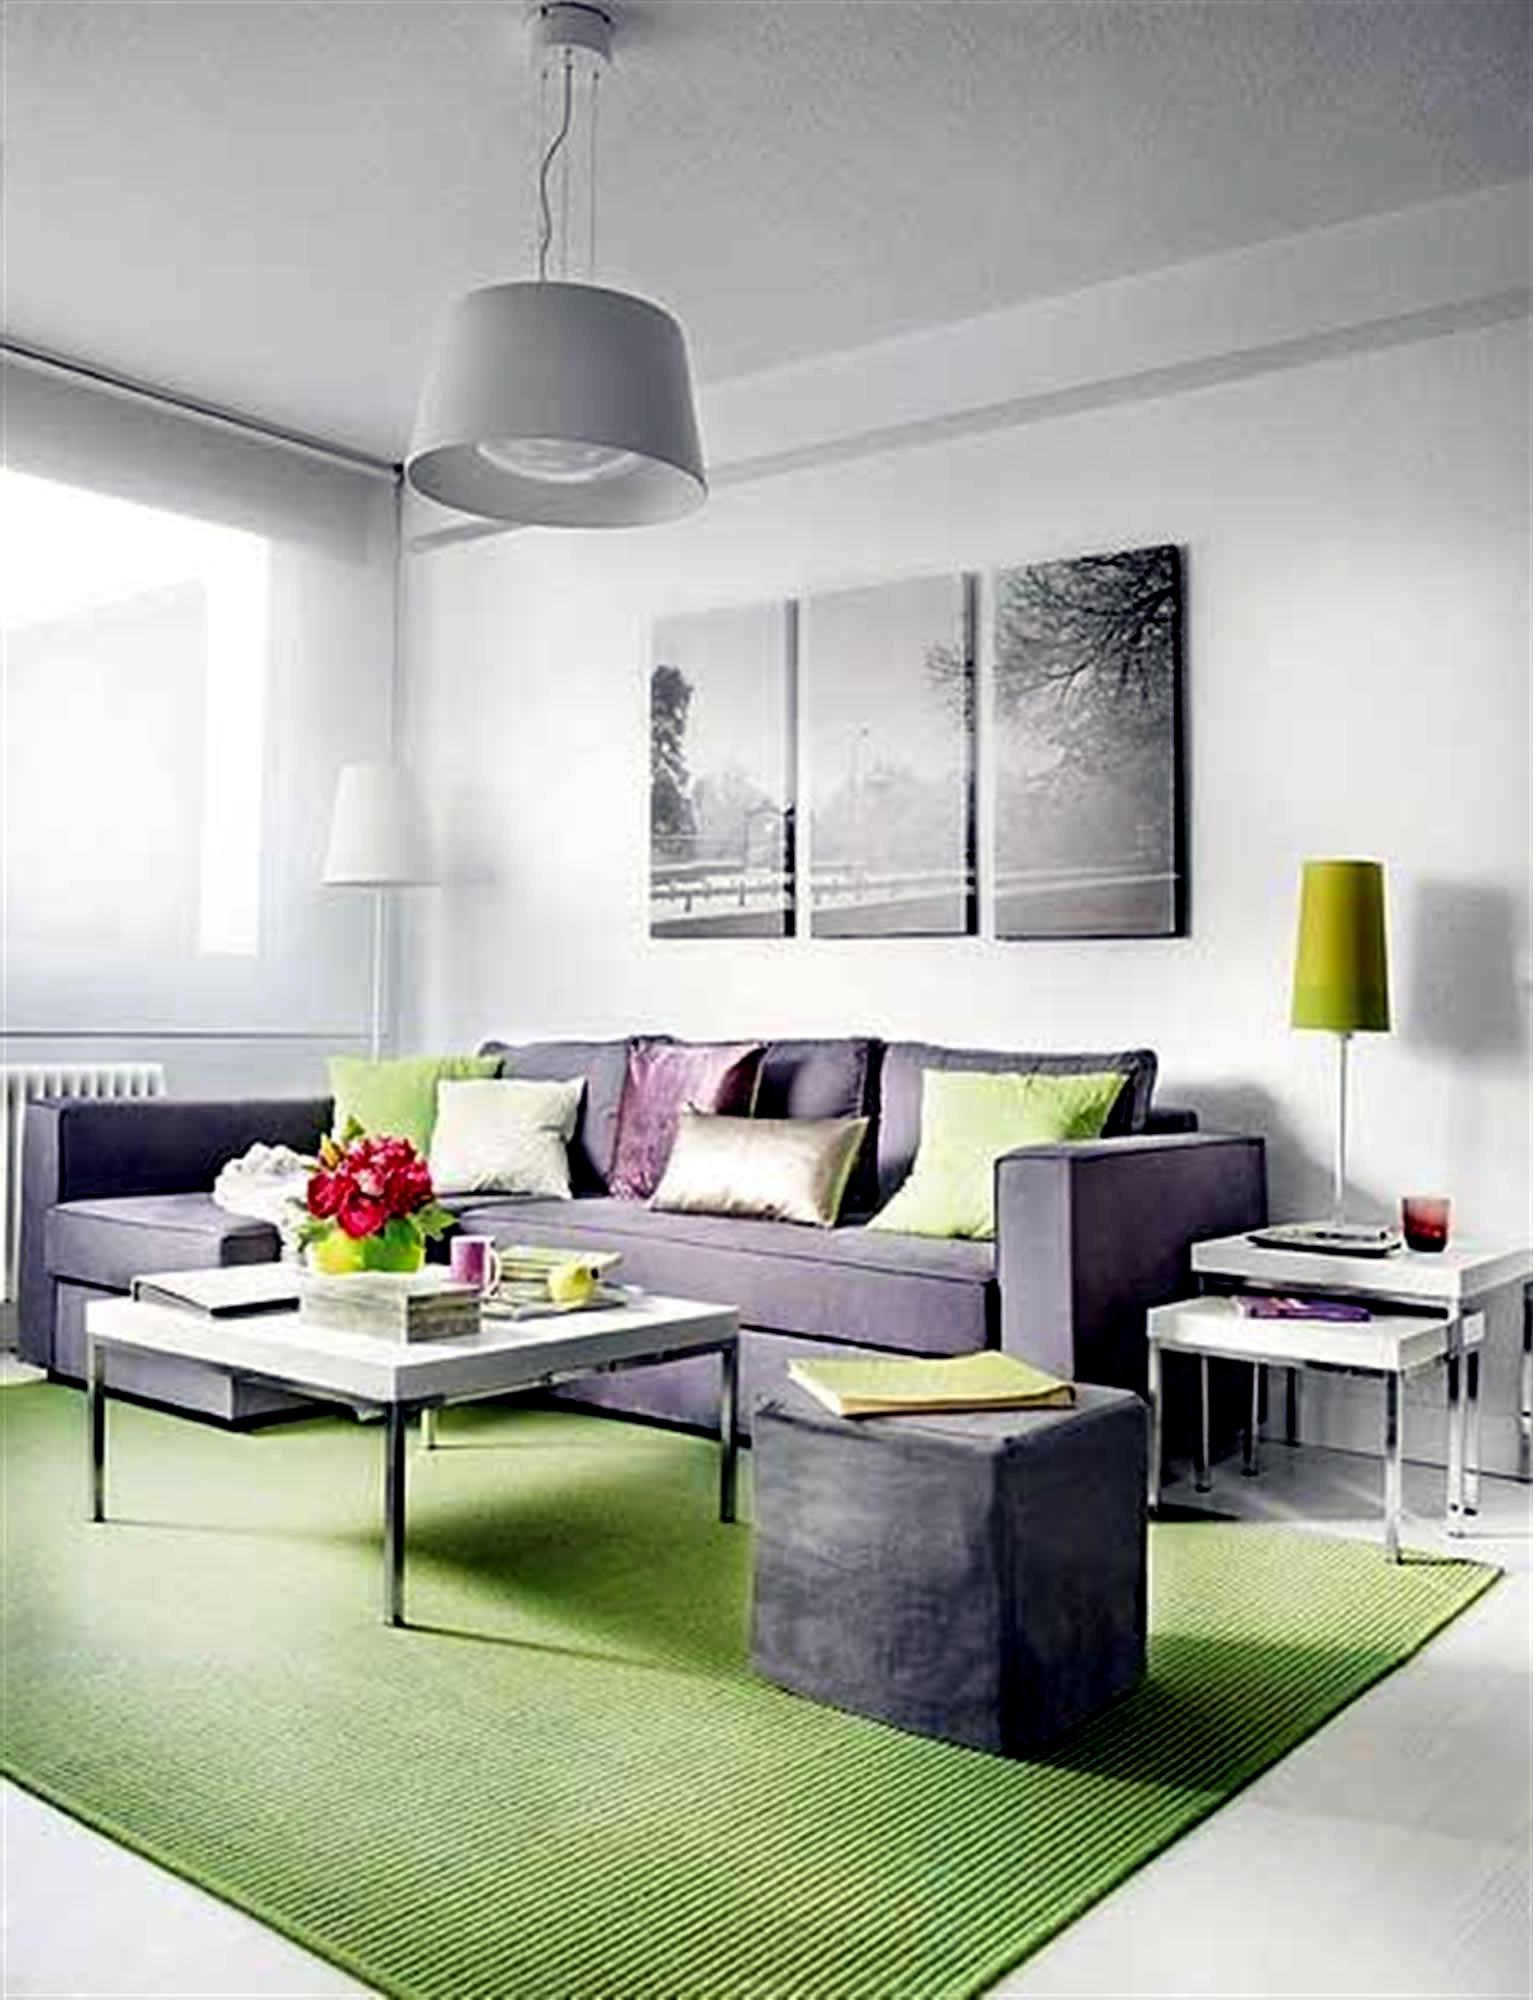 Small Condo Living Room Design Ideas: 33+ Awesome Small Living Room Ideas You Will Love